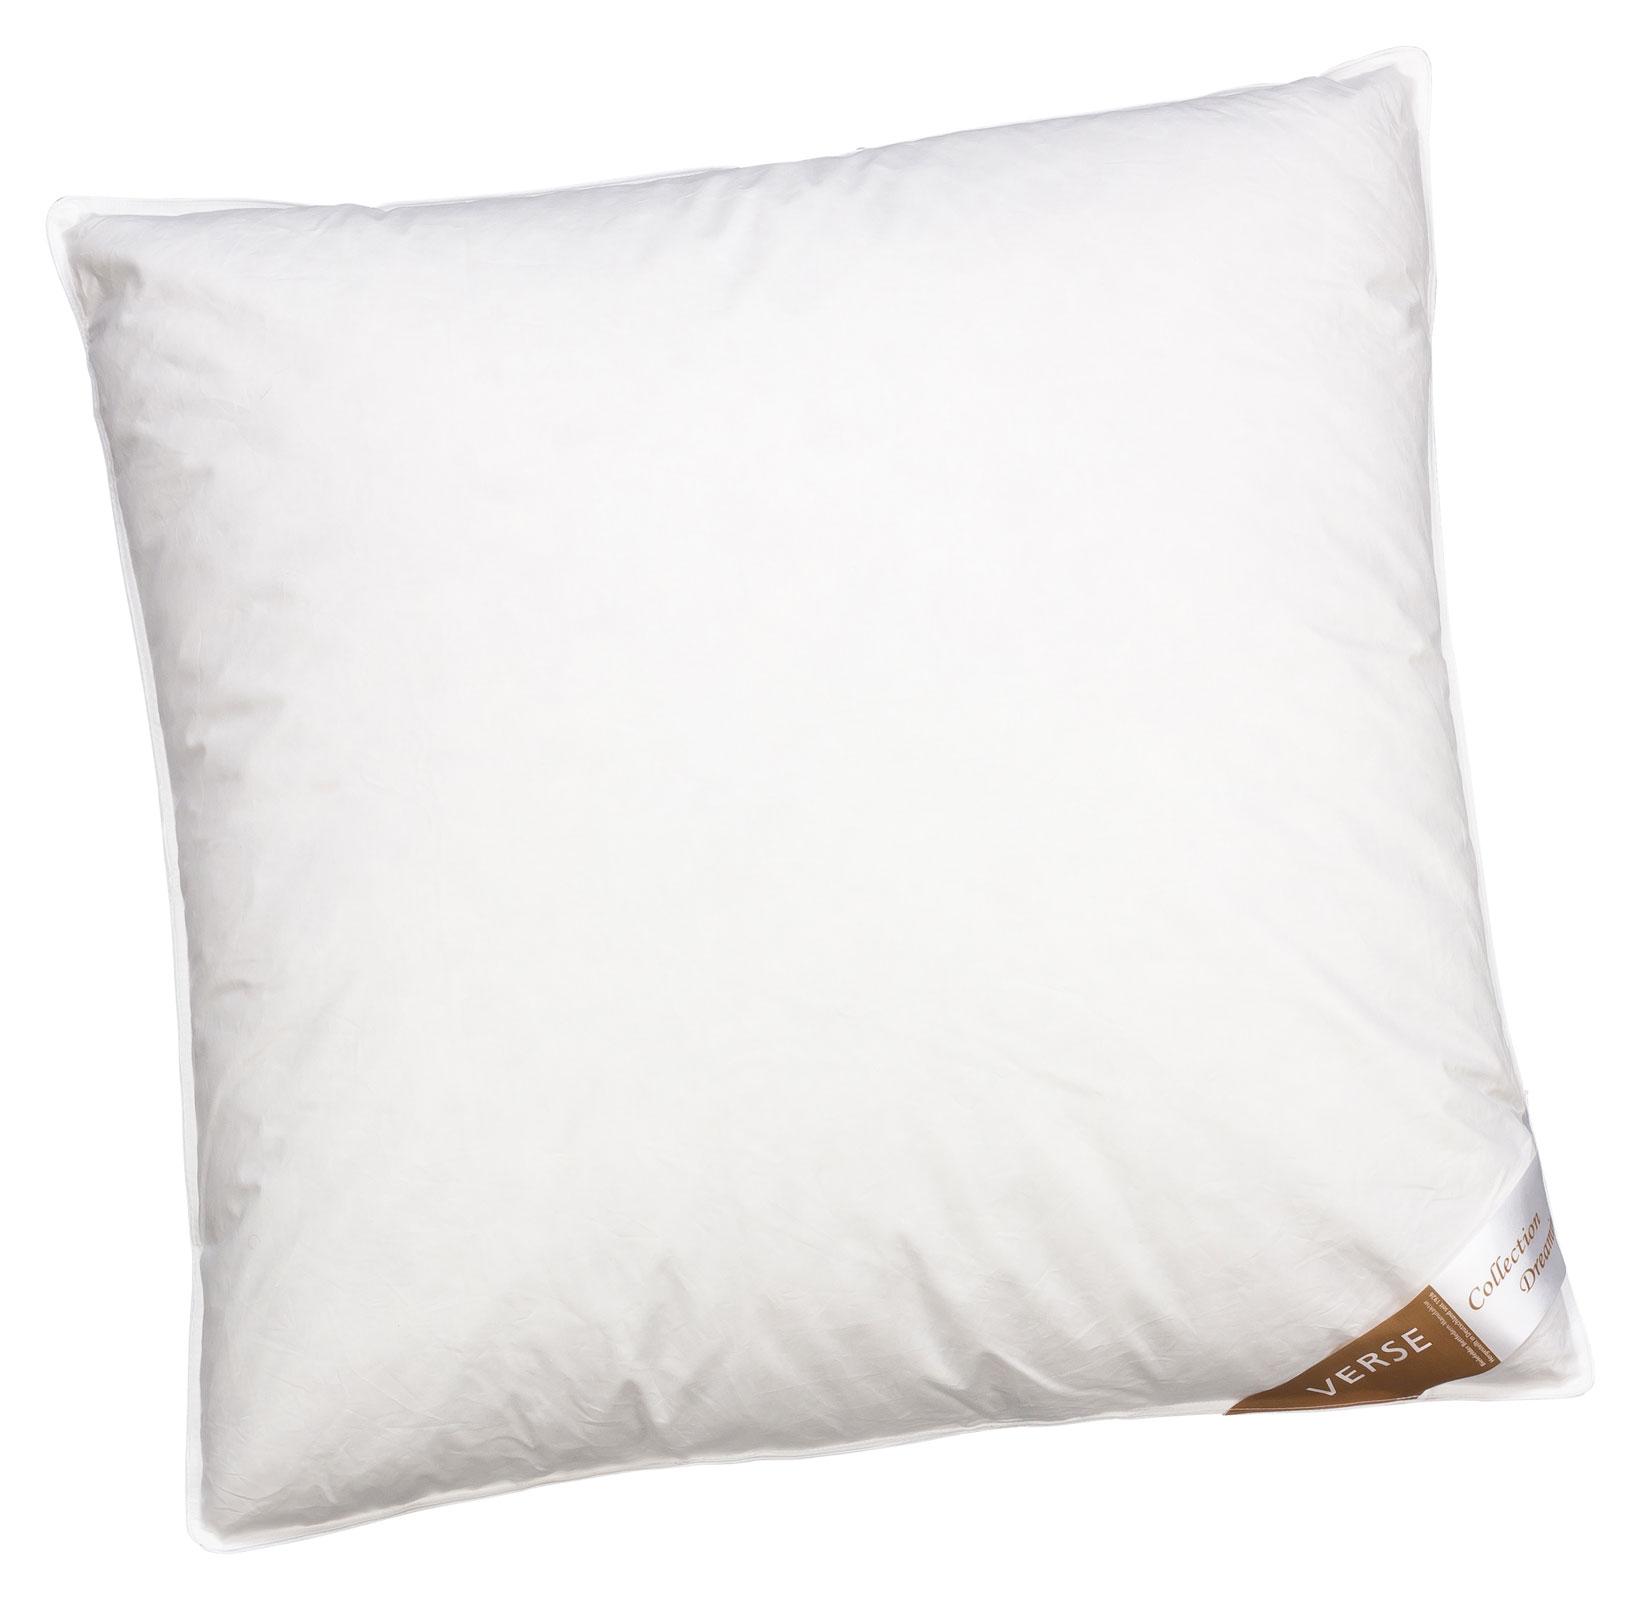 Bettdecken und Kopfkissen - Kopfkissen Daunen Kissen 80x80 extra fest 1500g 90 Federn 10 Daunen Verse Collection Dreaming  - Onlineshop PremiumShop321